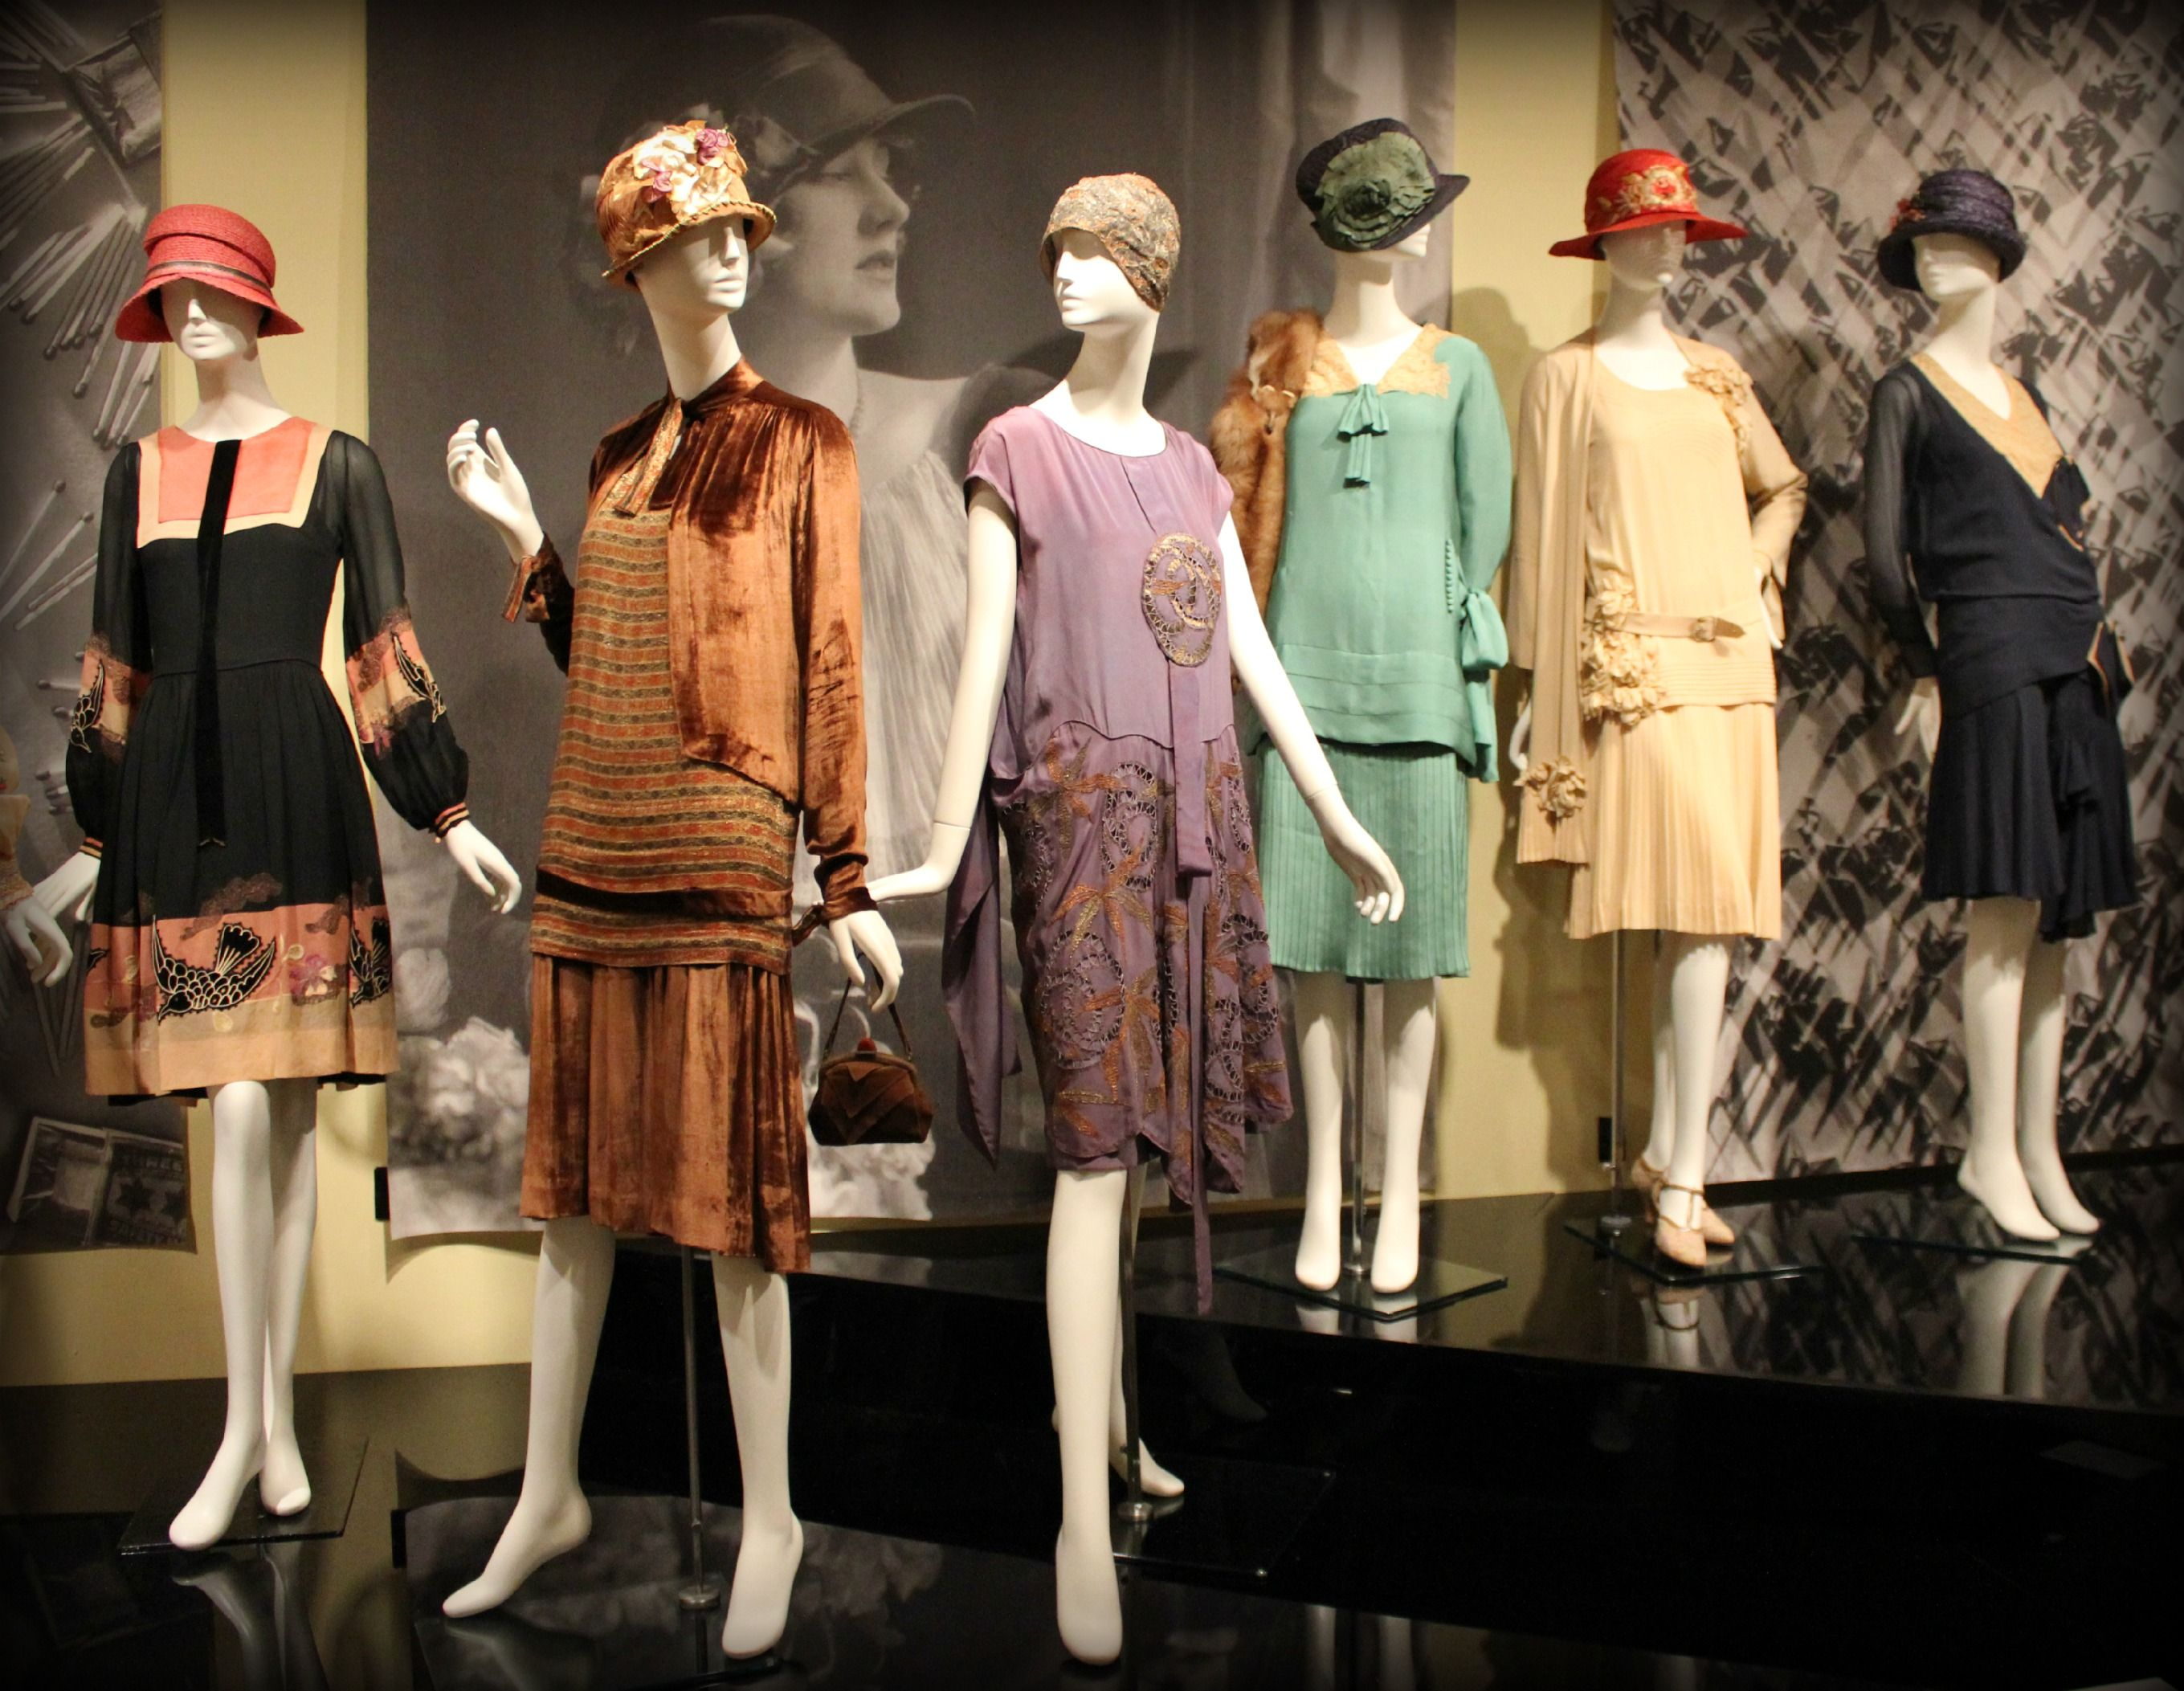 Modern Spirit 1920s Fashion Exhibition Via Phoenix Art Museum 1920s Fashion 1920 Fashion 1920 Fashion Trends